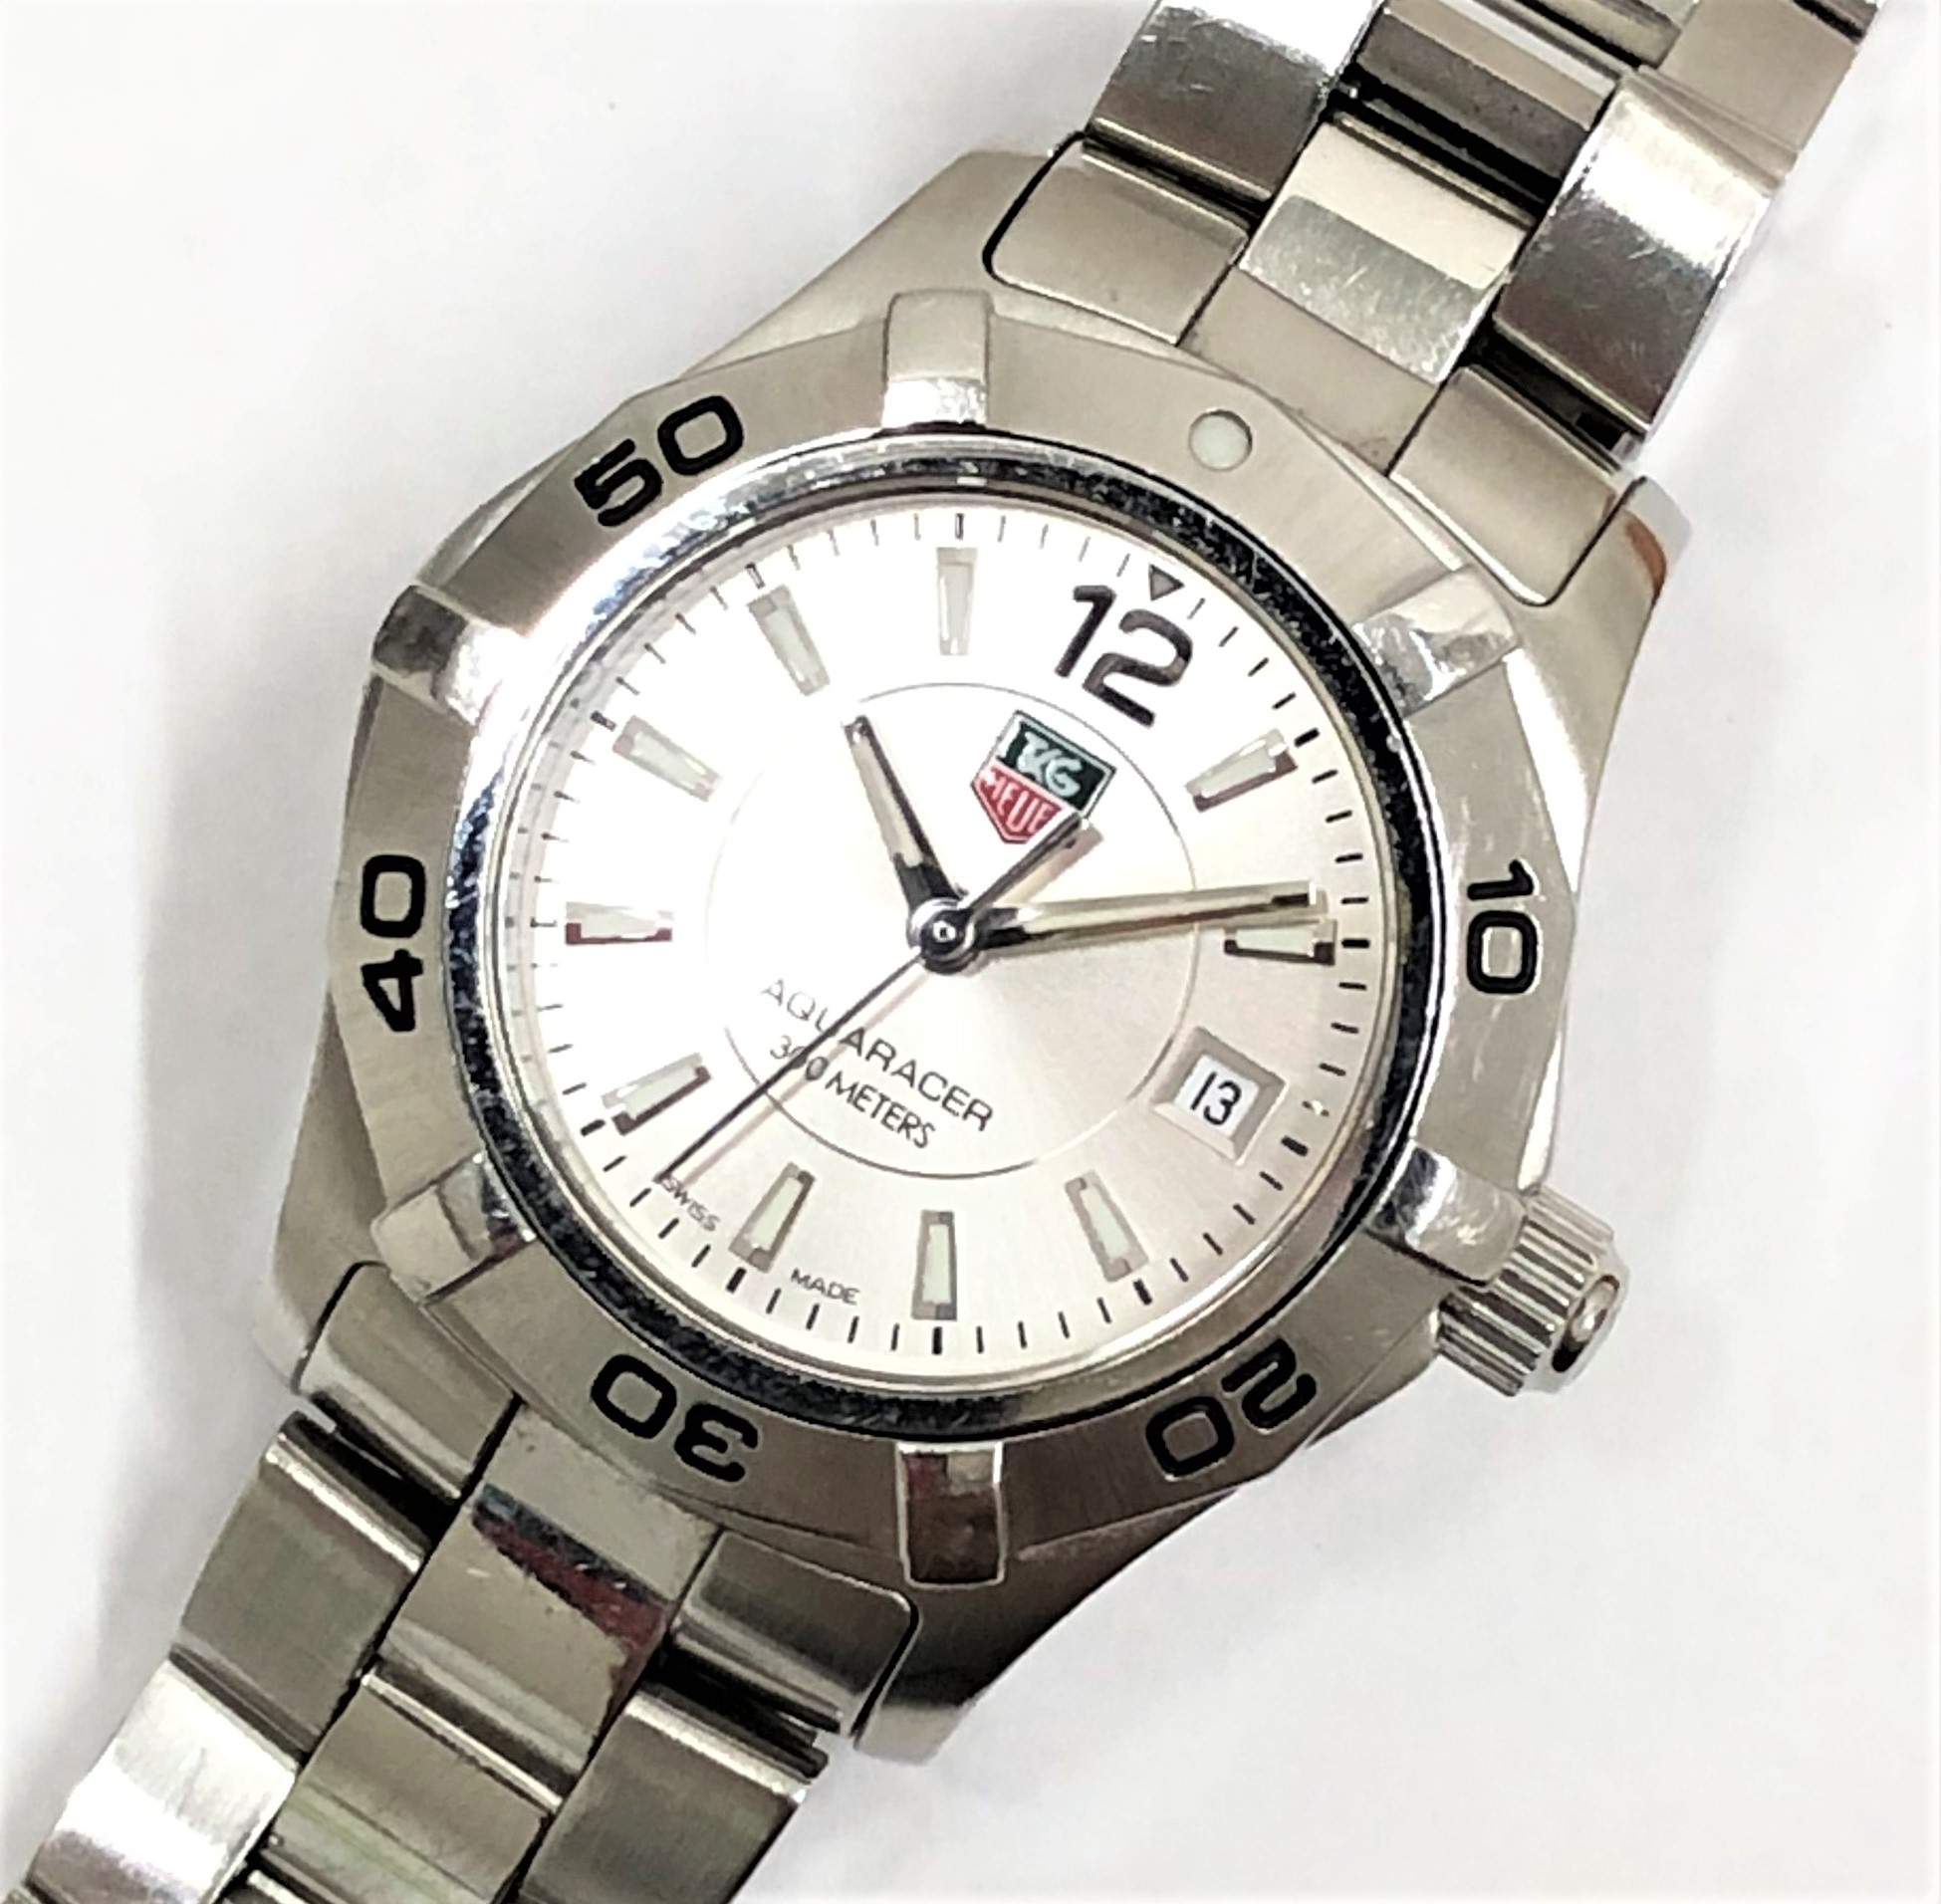 【TAG HEUER/タグホイヤー】アクアレーサー300 WAF1412 QZ 腕時計